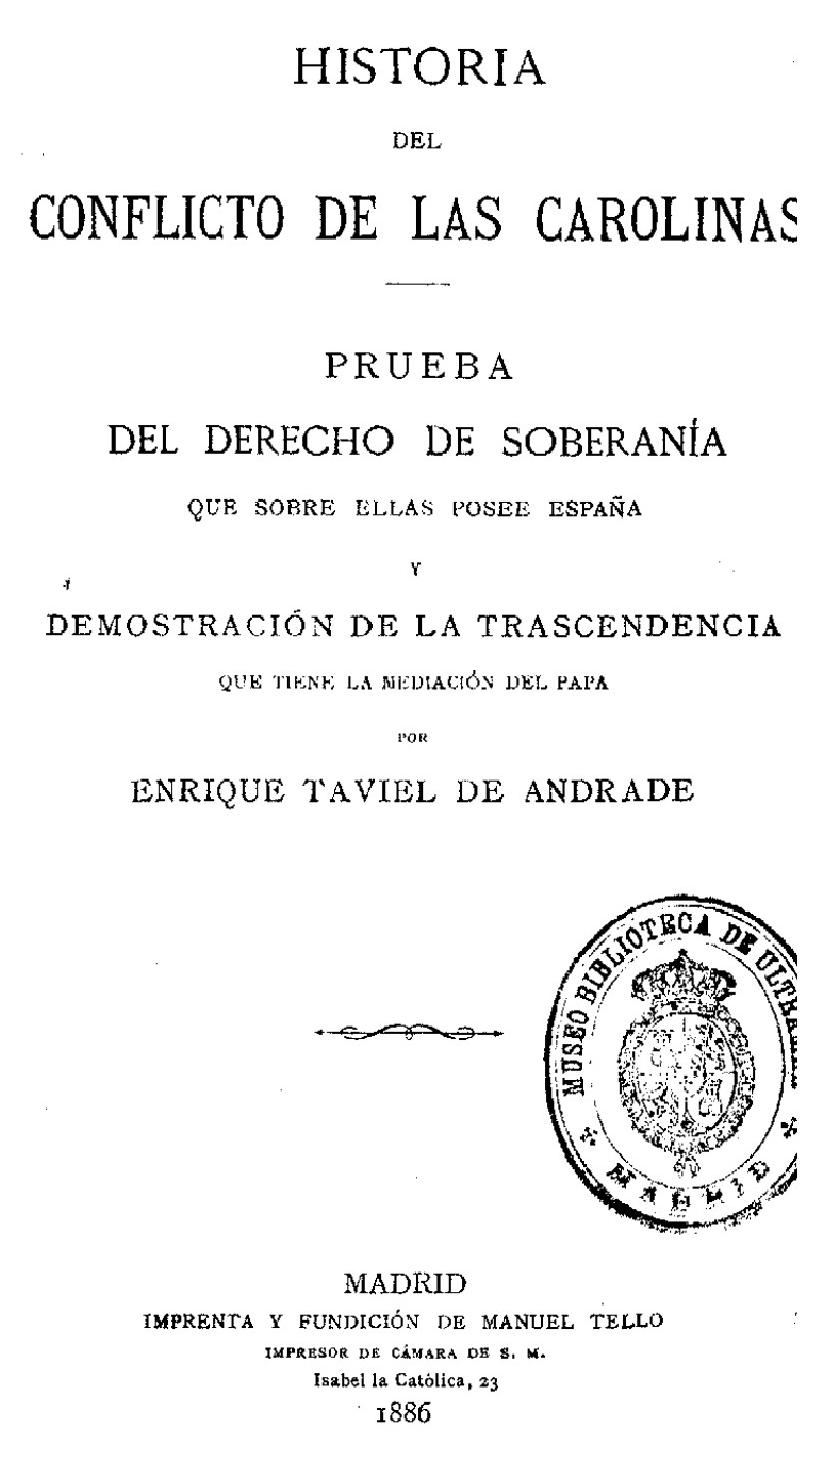 Historia del Conflicto de las Carolinas. Enrique Taviel de Andrade. 1886-1